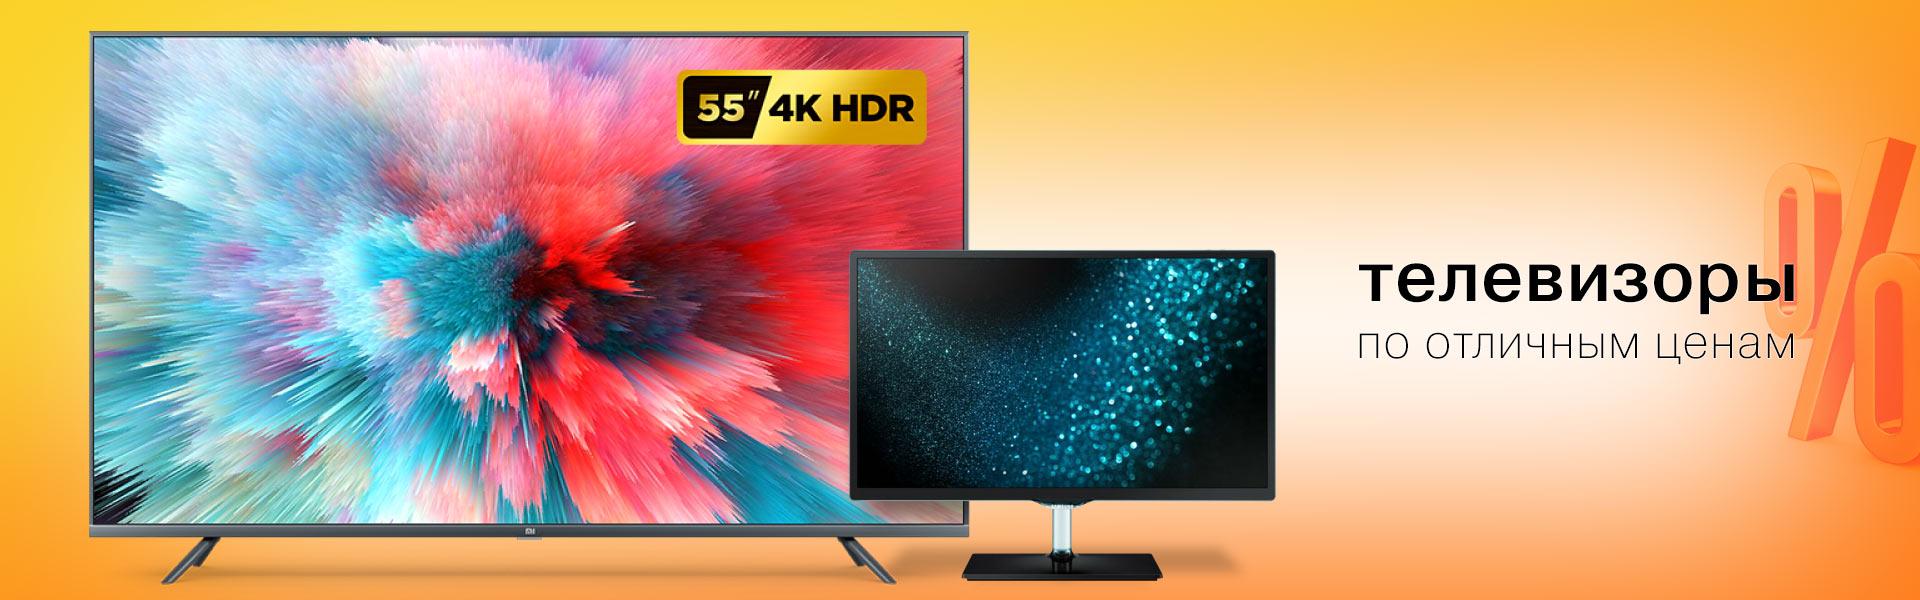 Телевизоры 4K недорого в СПб